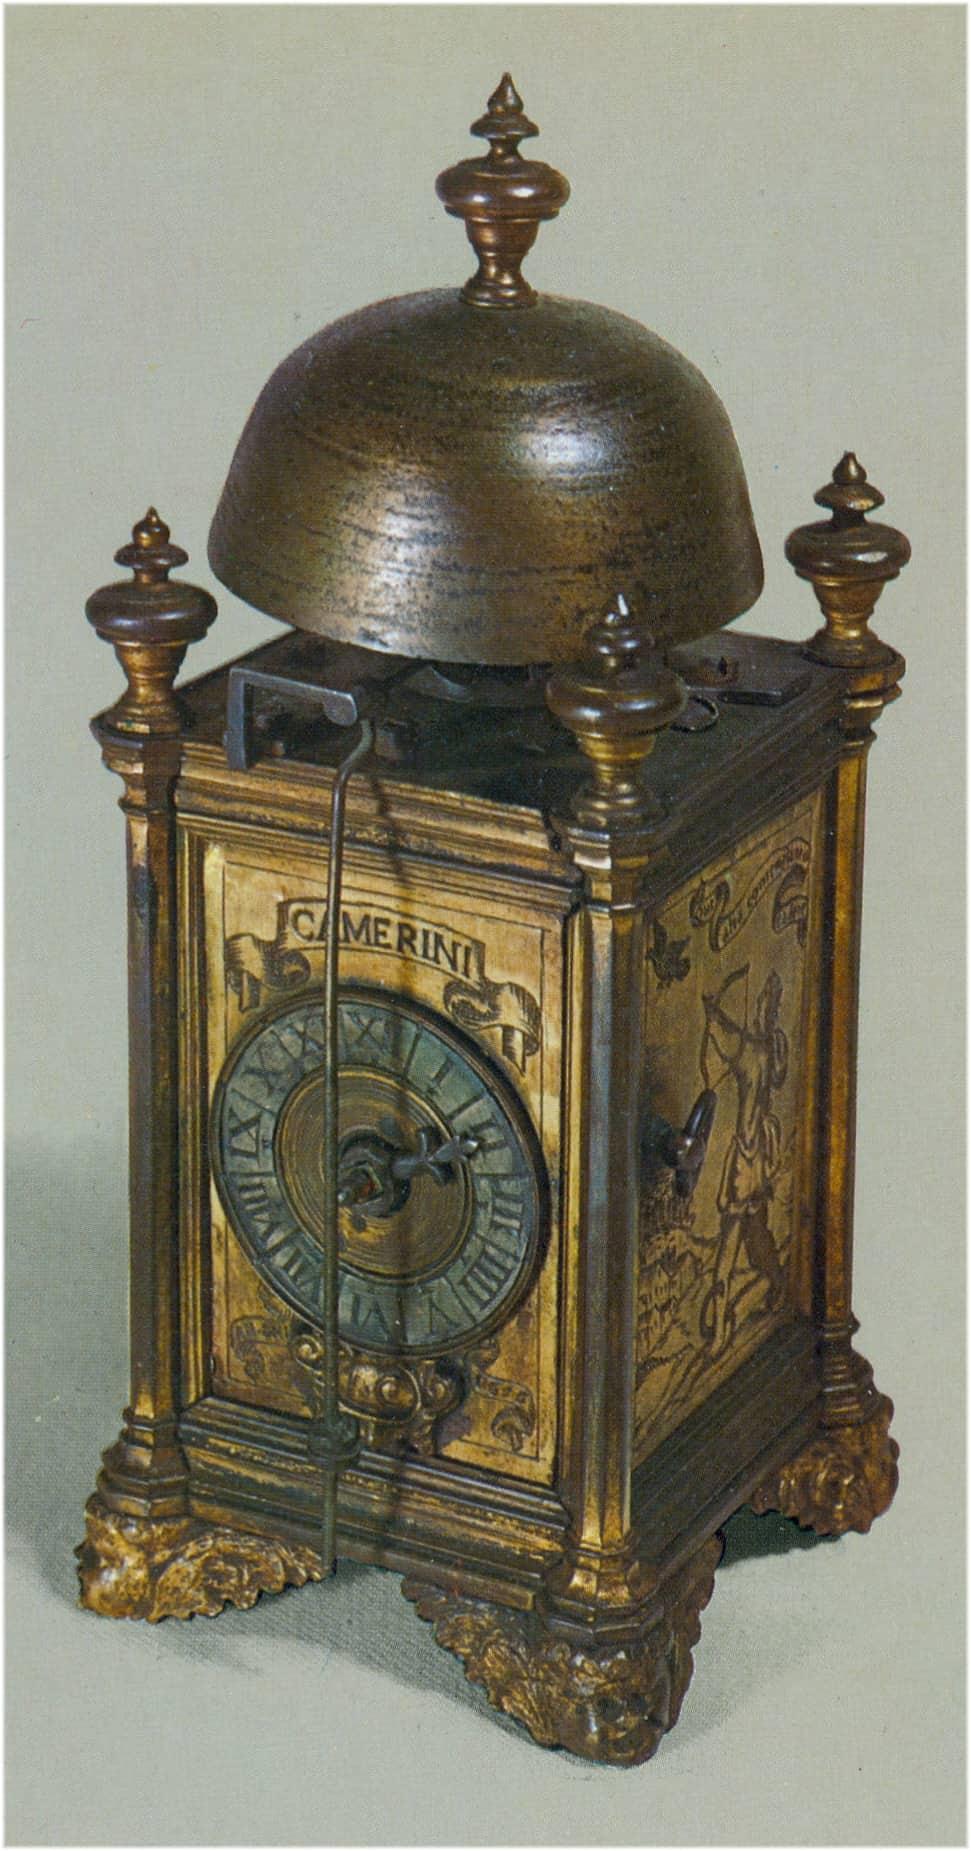 Repetitionsuhr mit Türmchen aus dem 17. Jahrhundert